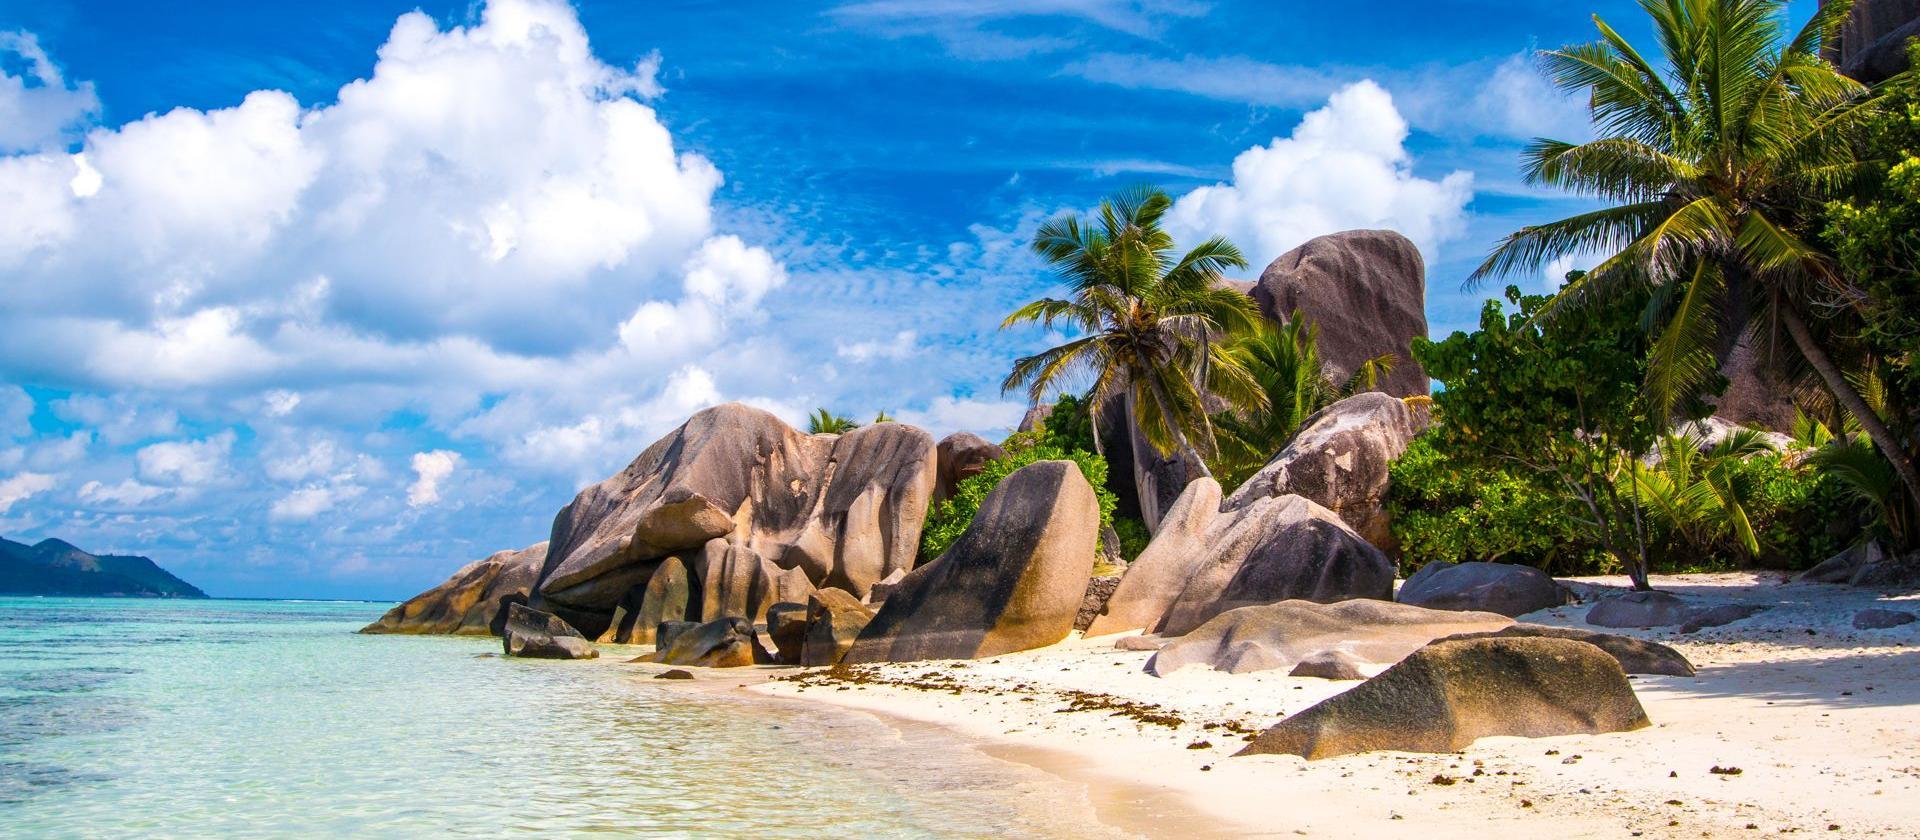 Seychelle szigeteki utazások